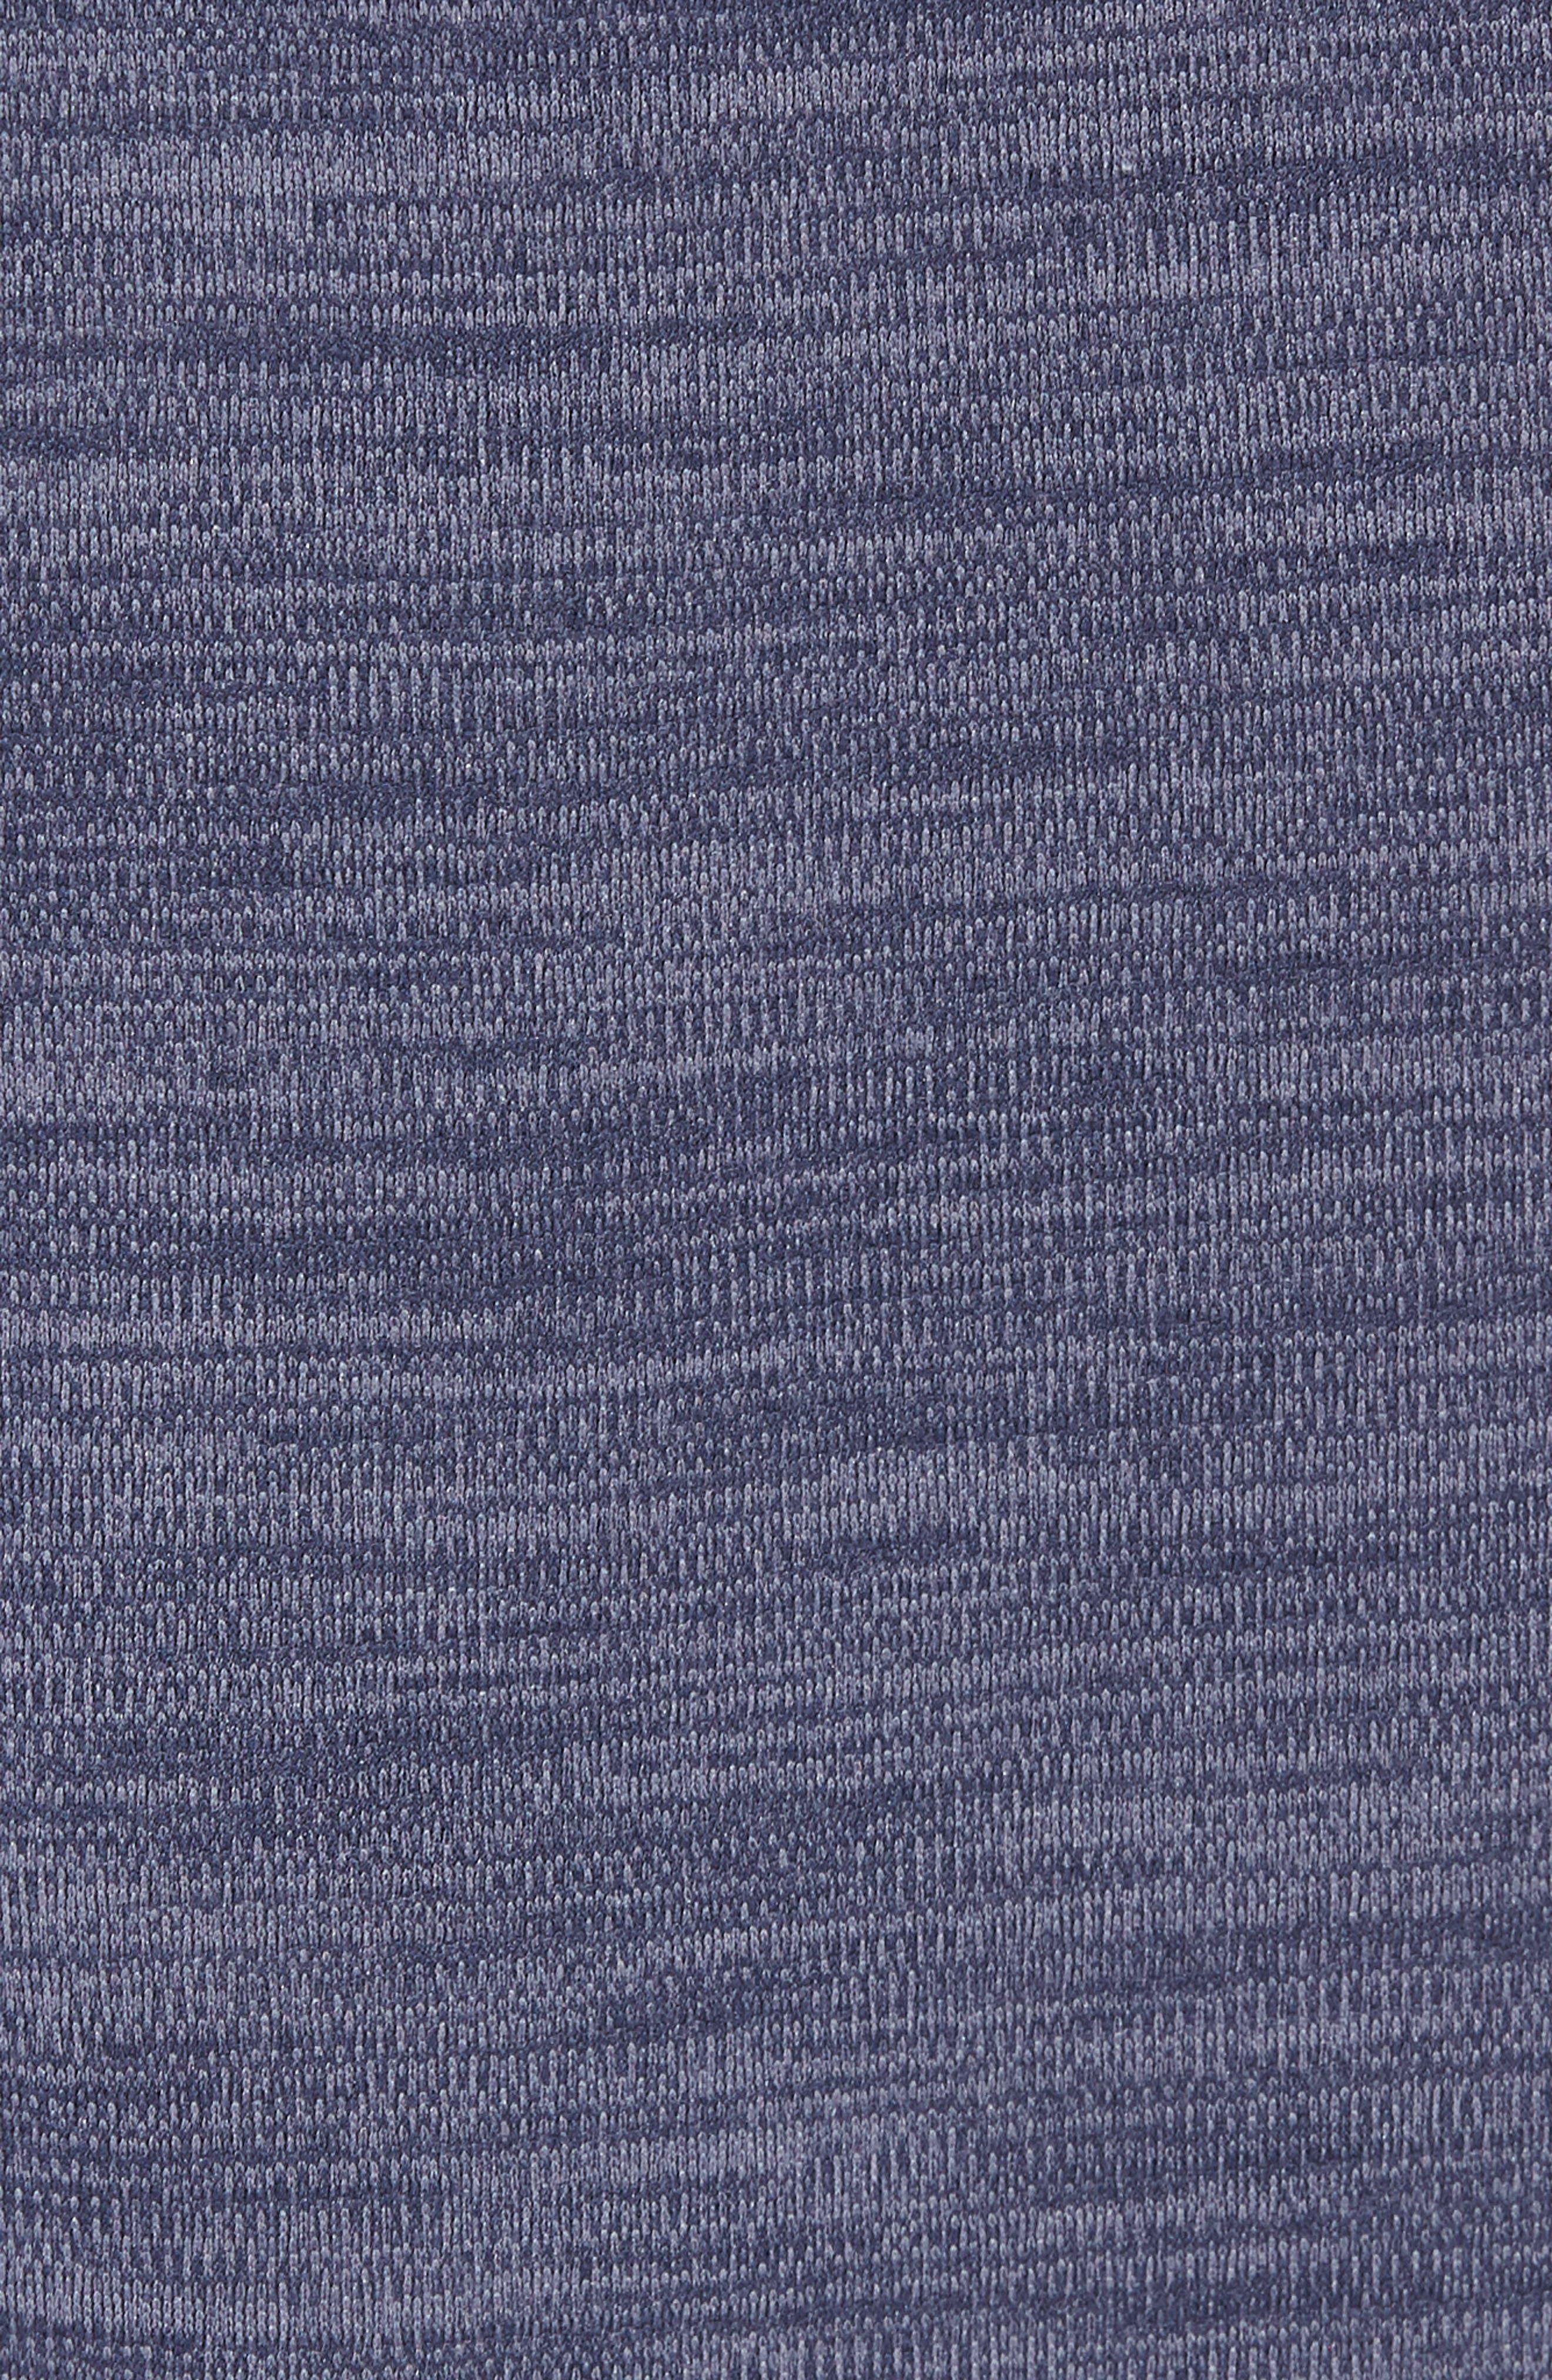 Dry Training Shorts,                             Alternate thumbnail 5, color,                             LIGHT CARBON/ BLACK